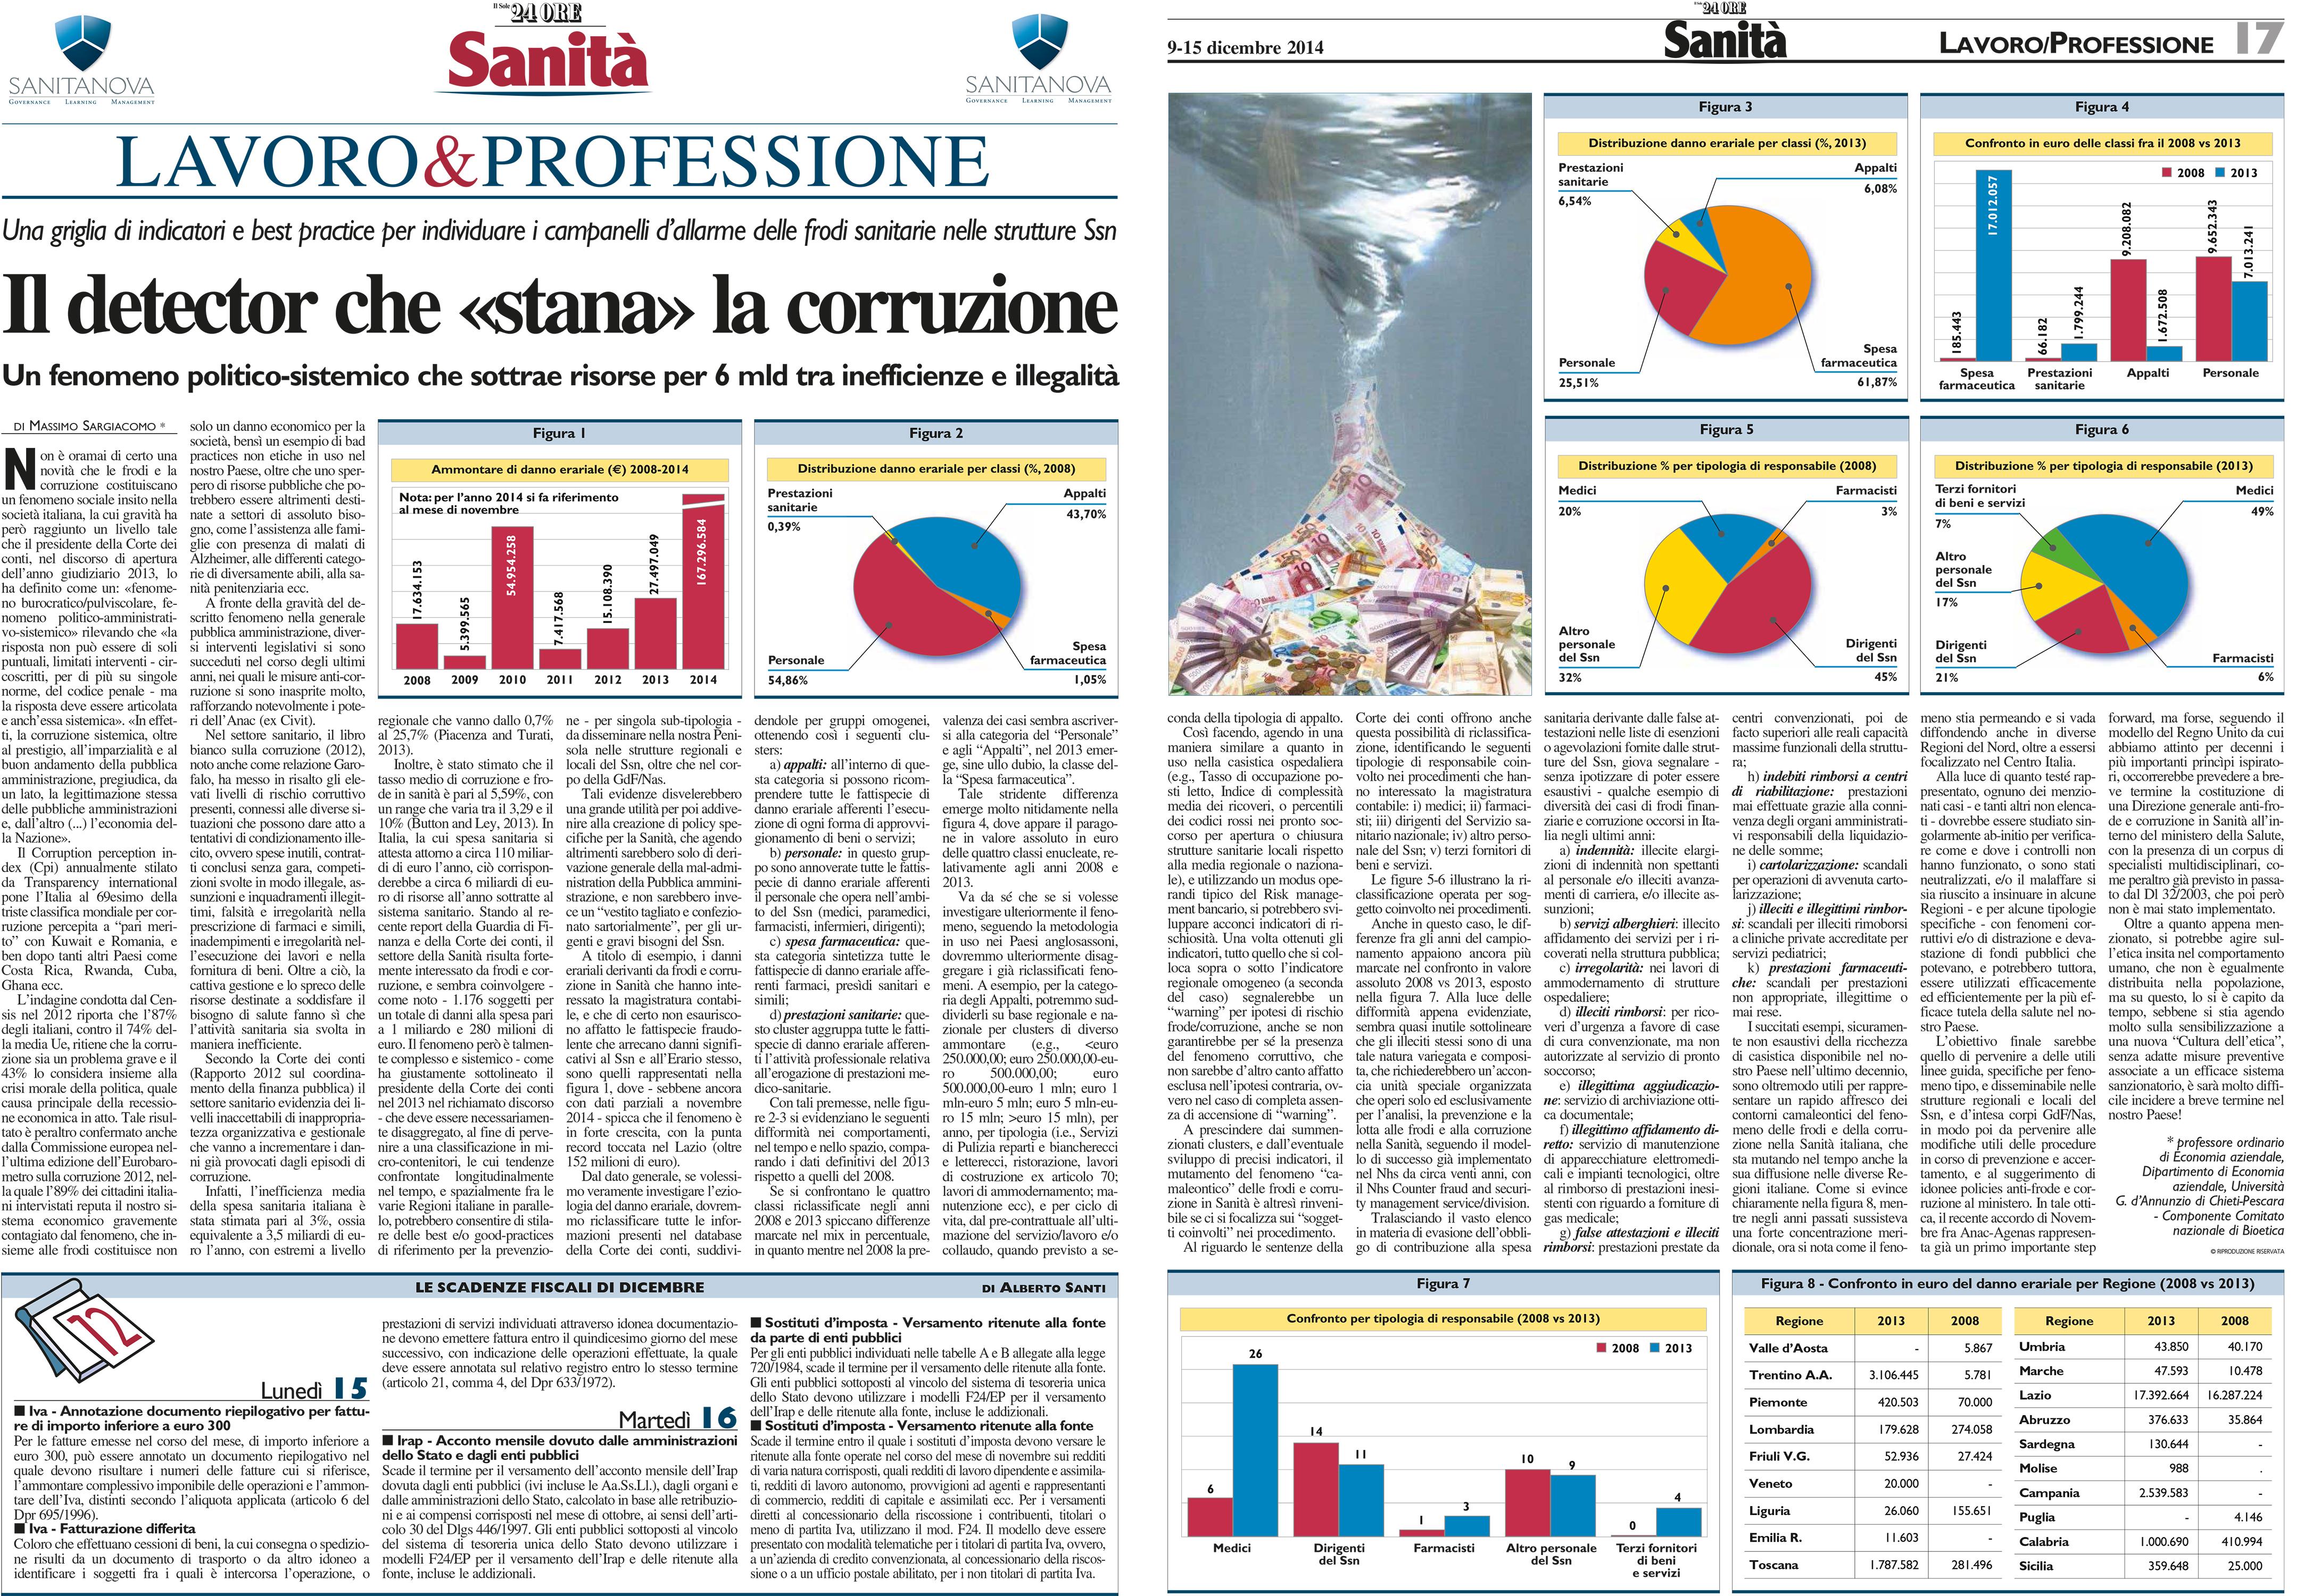 Massimo Sargiacomo - Il Sole 24 Ore dicembre 2014